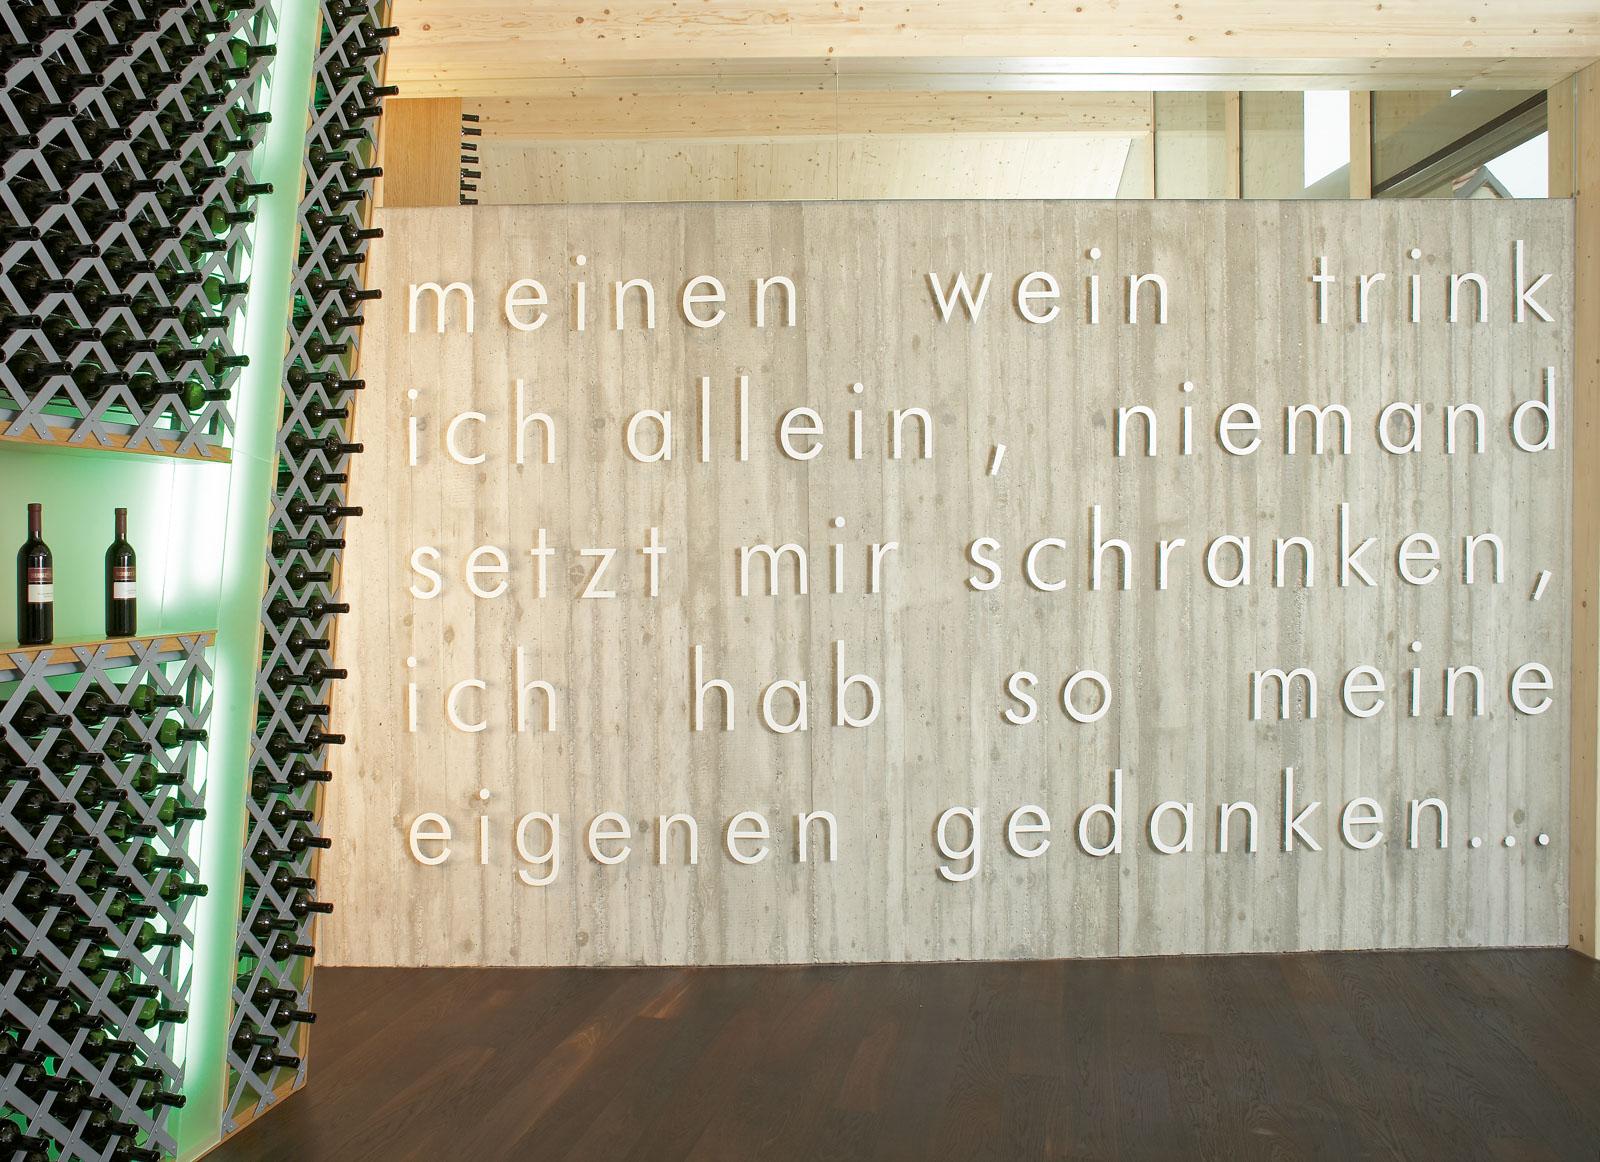 006 Spitzbart Schabl 010.jpg